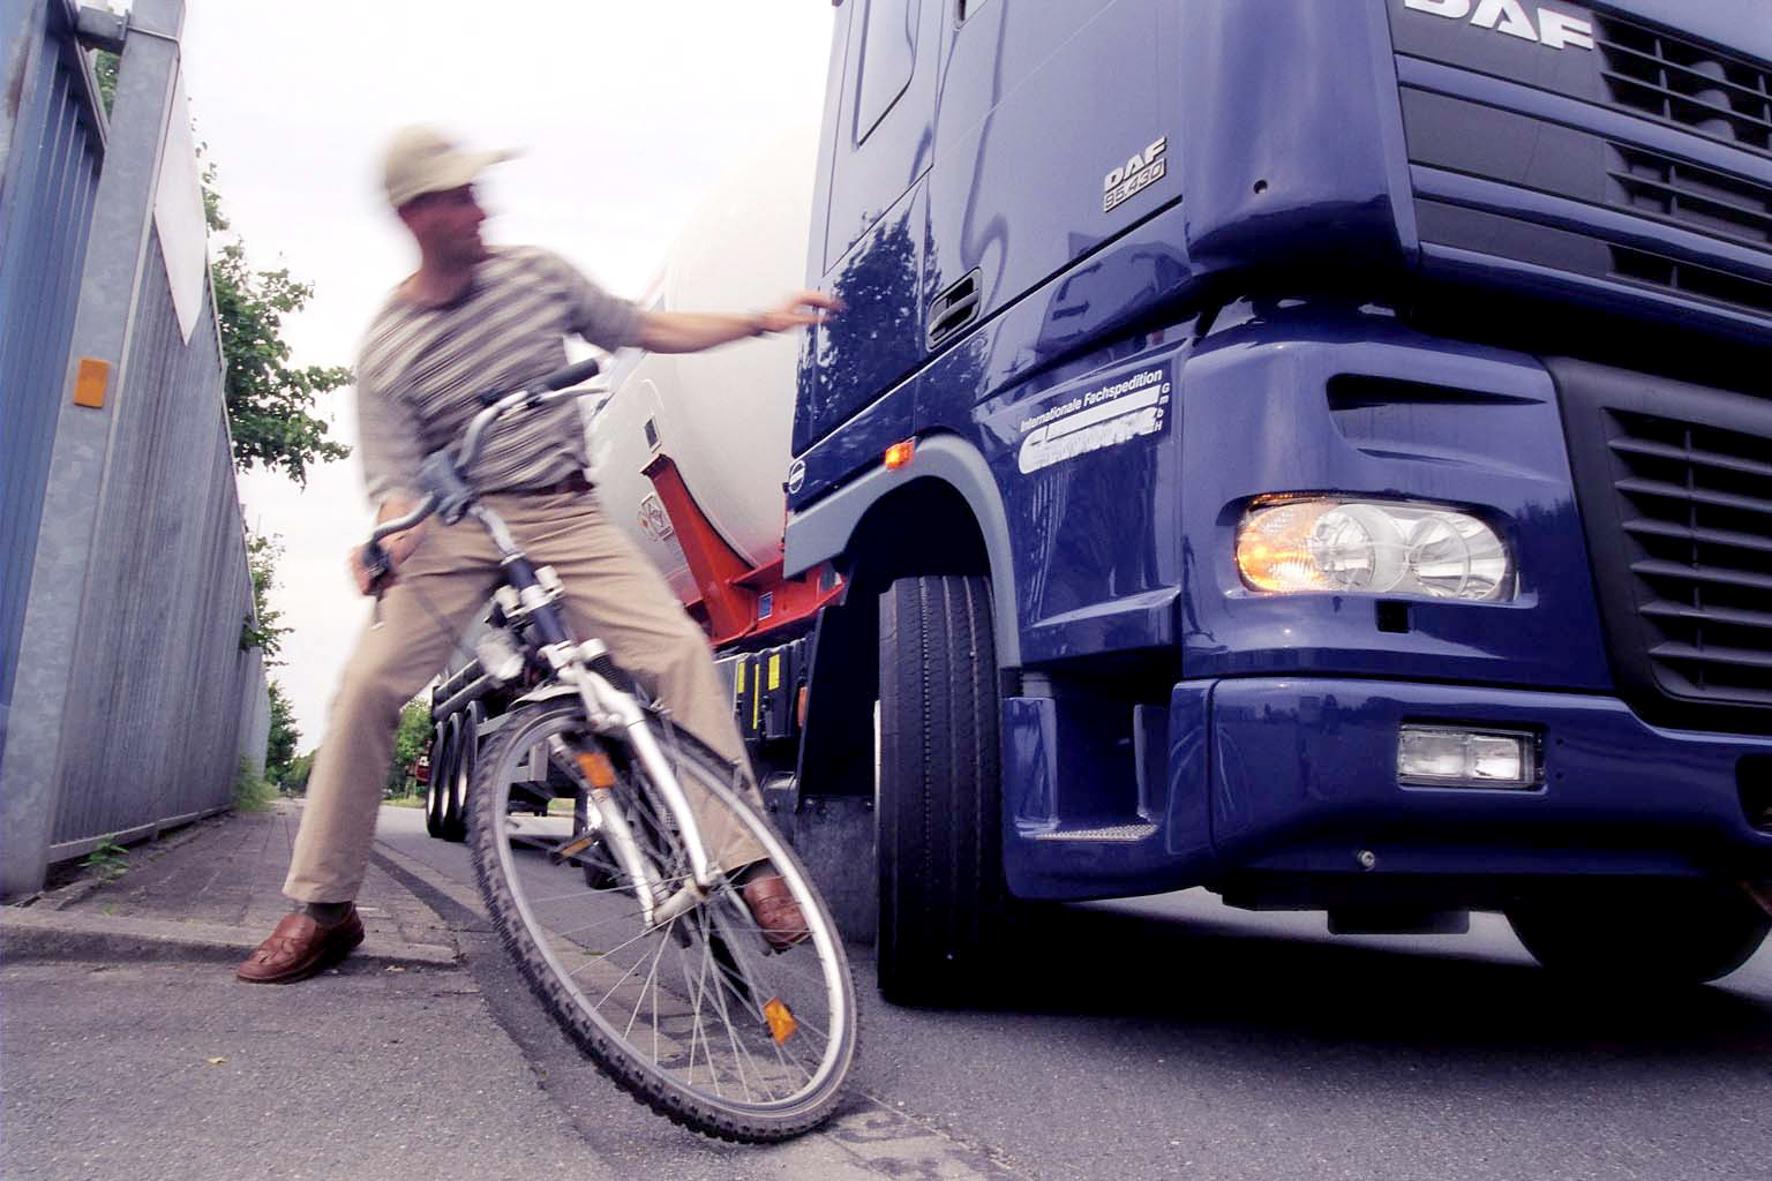 mid Groß-Gerau - Radfahrer und Fußgänger werden häufig von abbiegenden Lkw übersehen, was zu schwersten Unfällen führt. Abhilfe verspricht der Totwinkelwarner für Lkw.